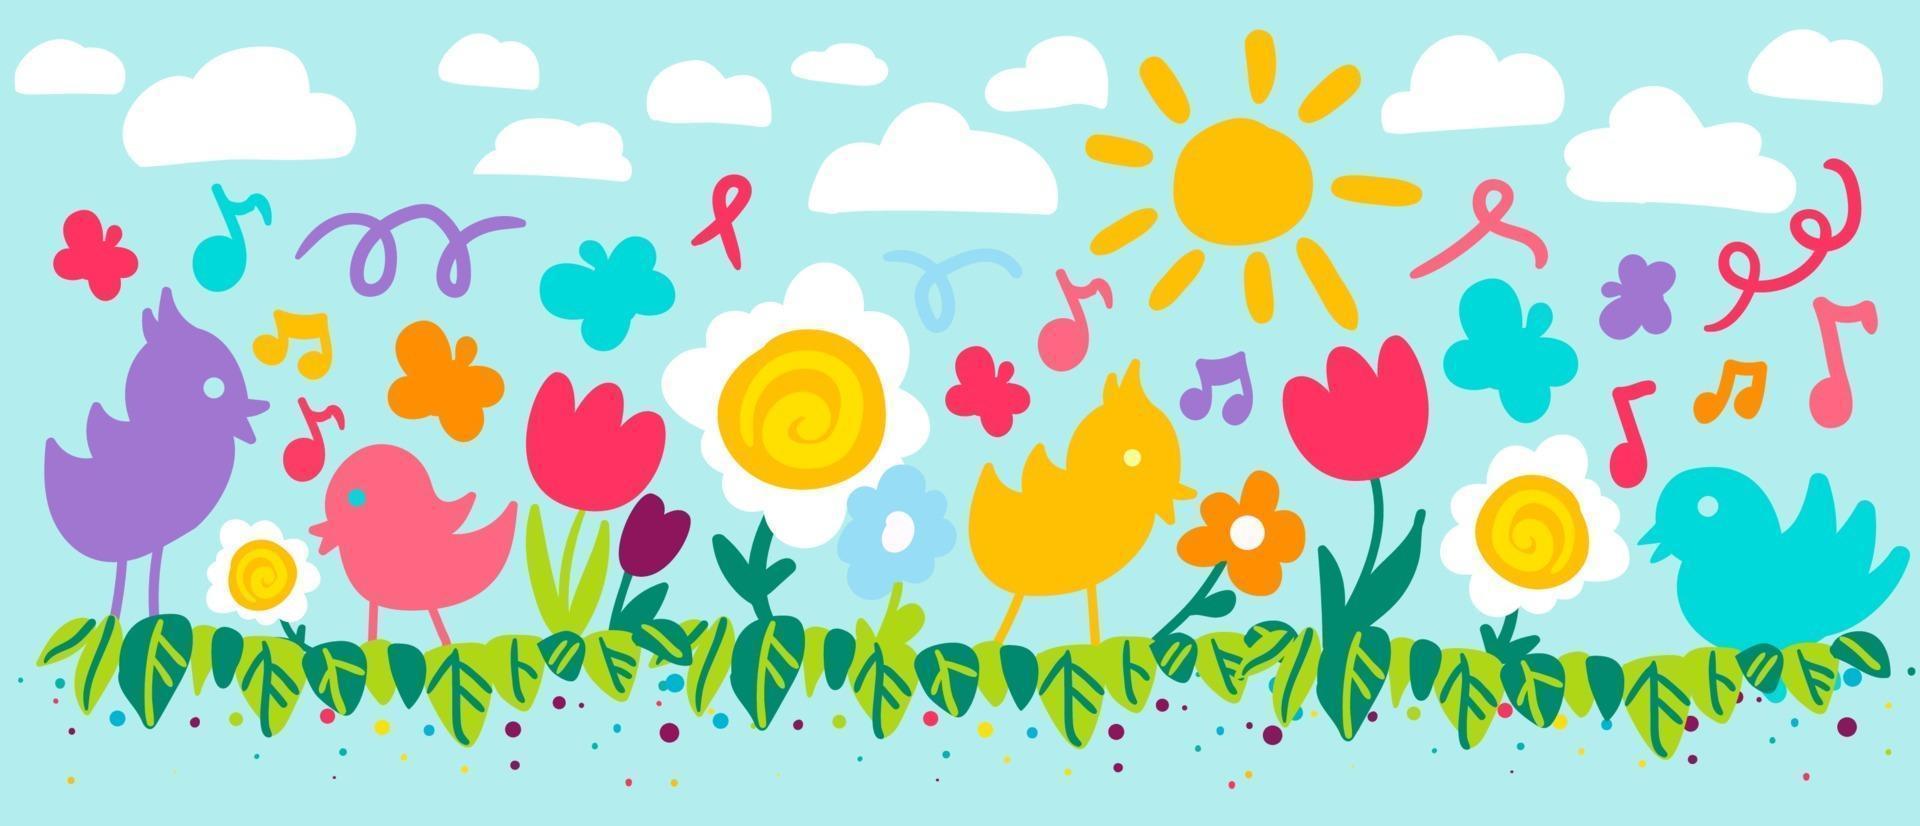 bloemen en vogels platte vectorillustratie vector